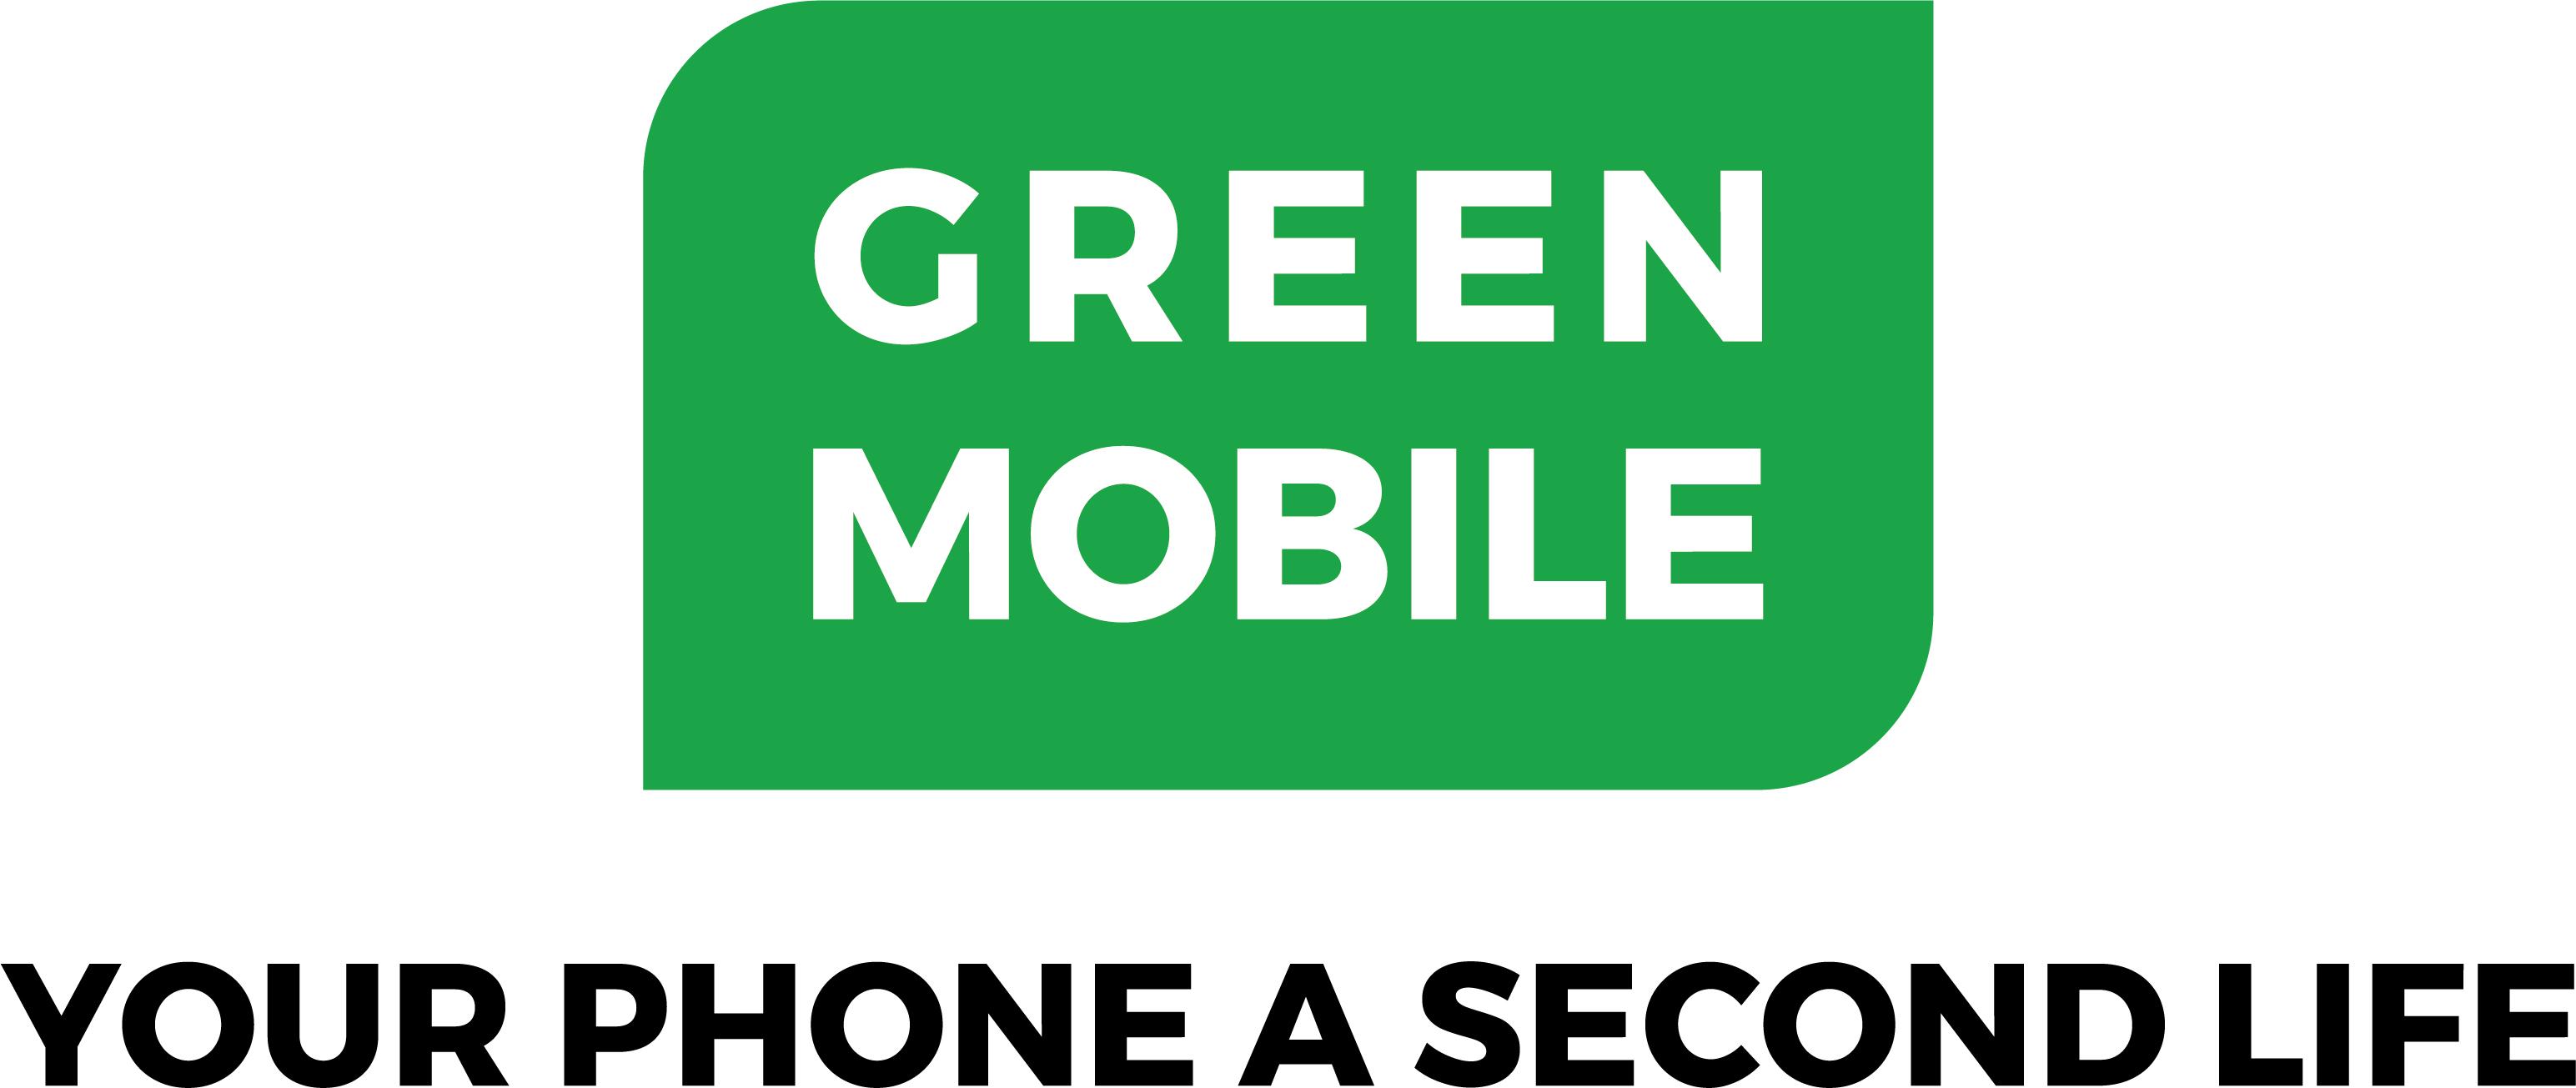 Green Mobile verkoop iPhones Android